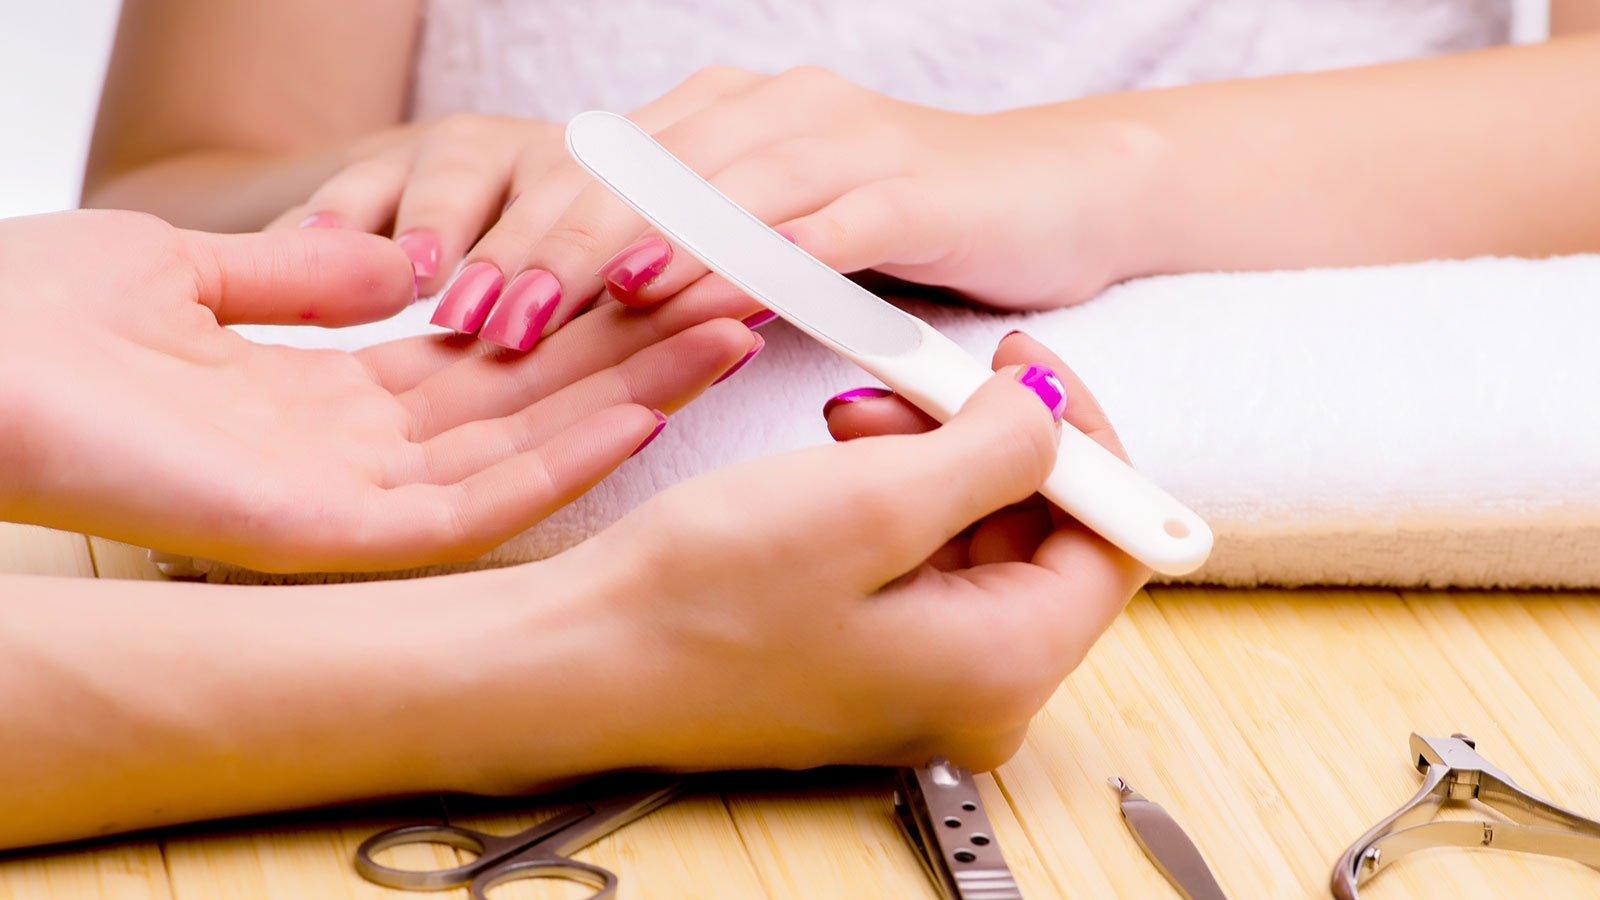 una mano con una lima per le unghie e la mano di un'altra donna con lo smalto fucsia